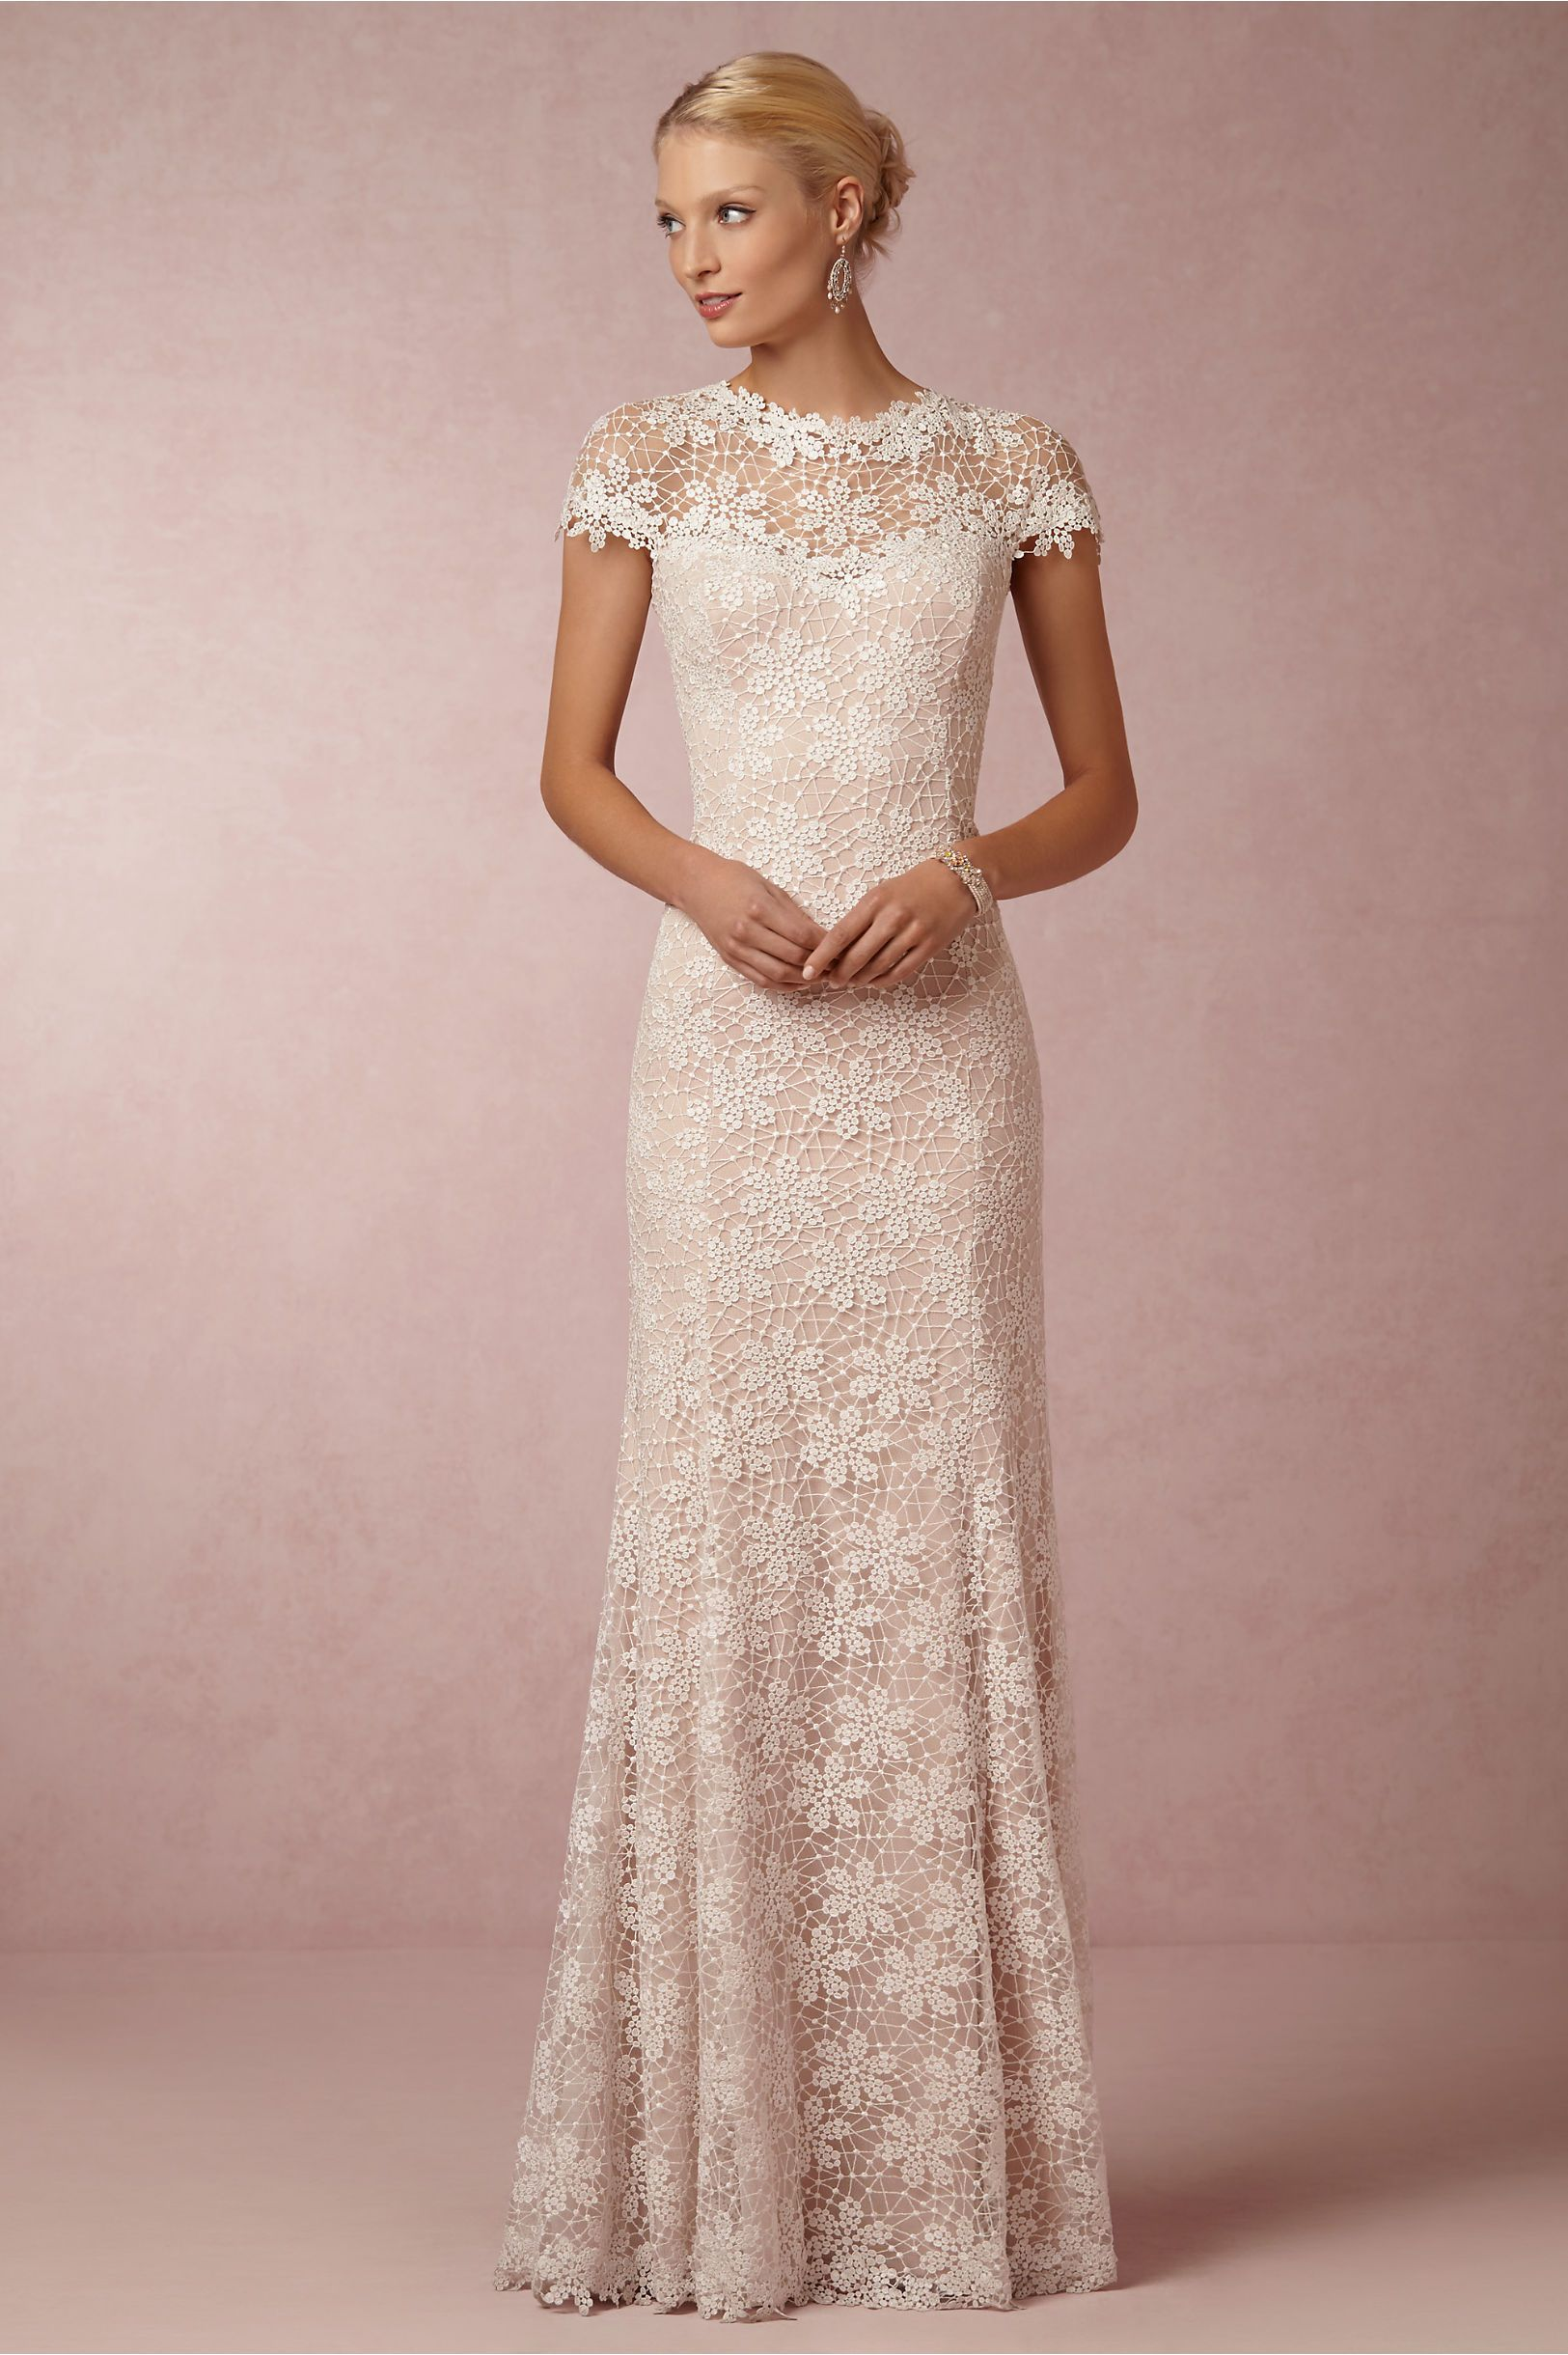 Nova Lace Gown By Tadashi Shoji For Bhldn Winter Wedding Ideas